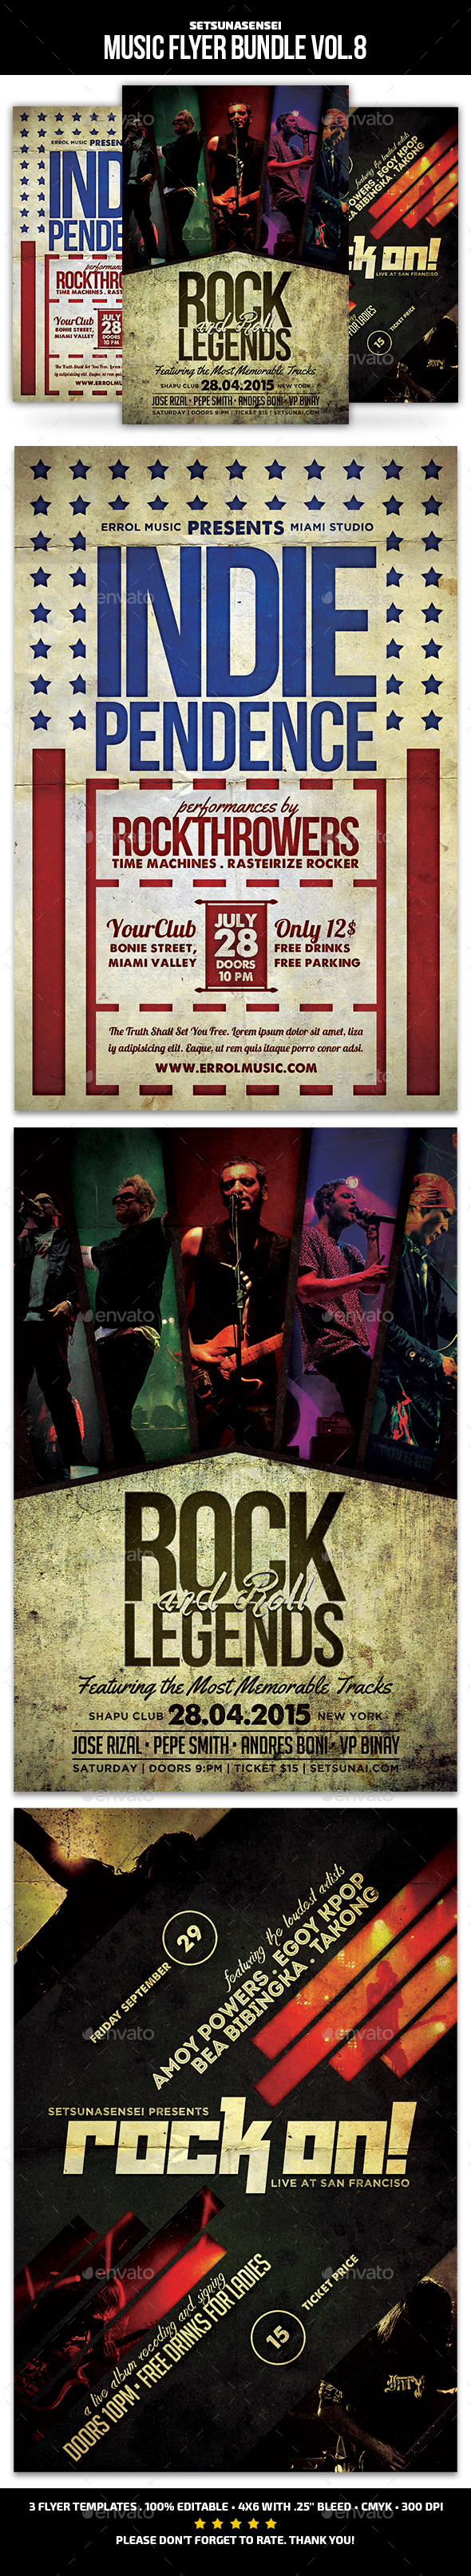 Music Flyer Bundle Vol. 8 - Concerts Events